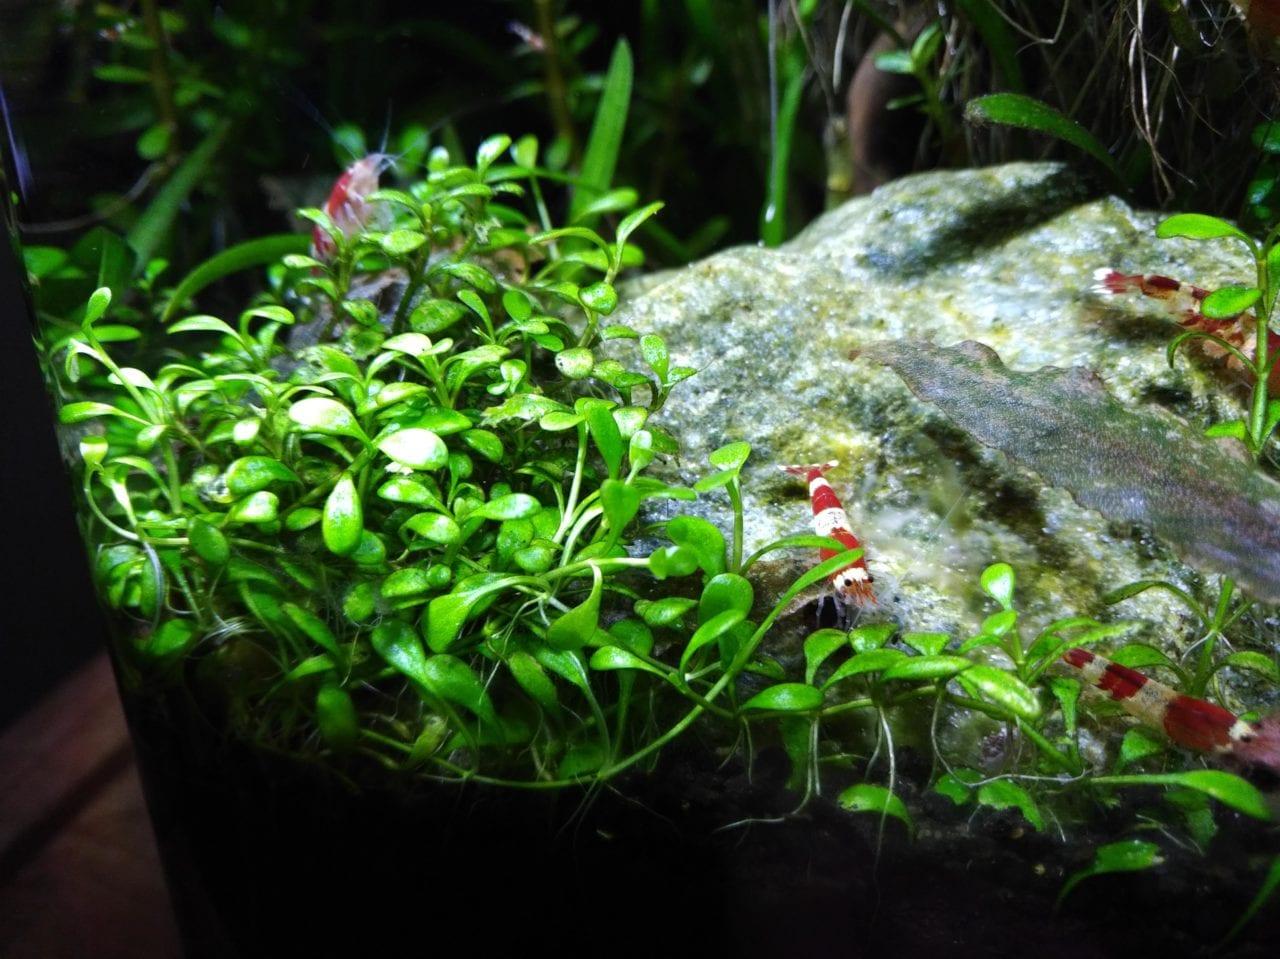 Hemianthus callitrichoides im Vordergrund eines Nano Aquariums